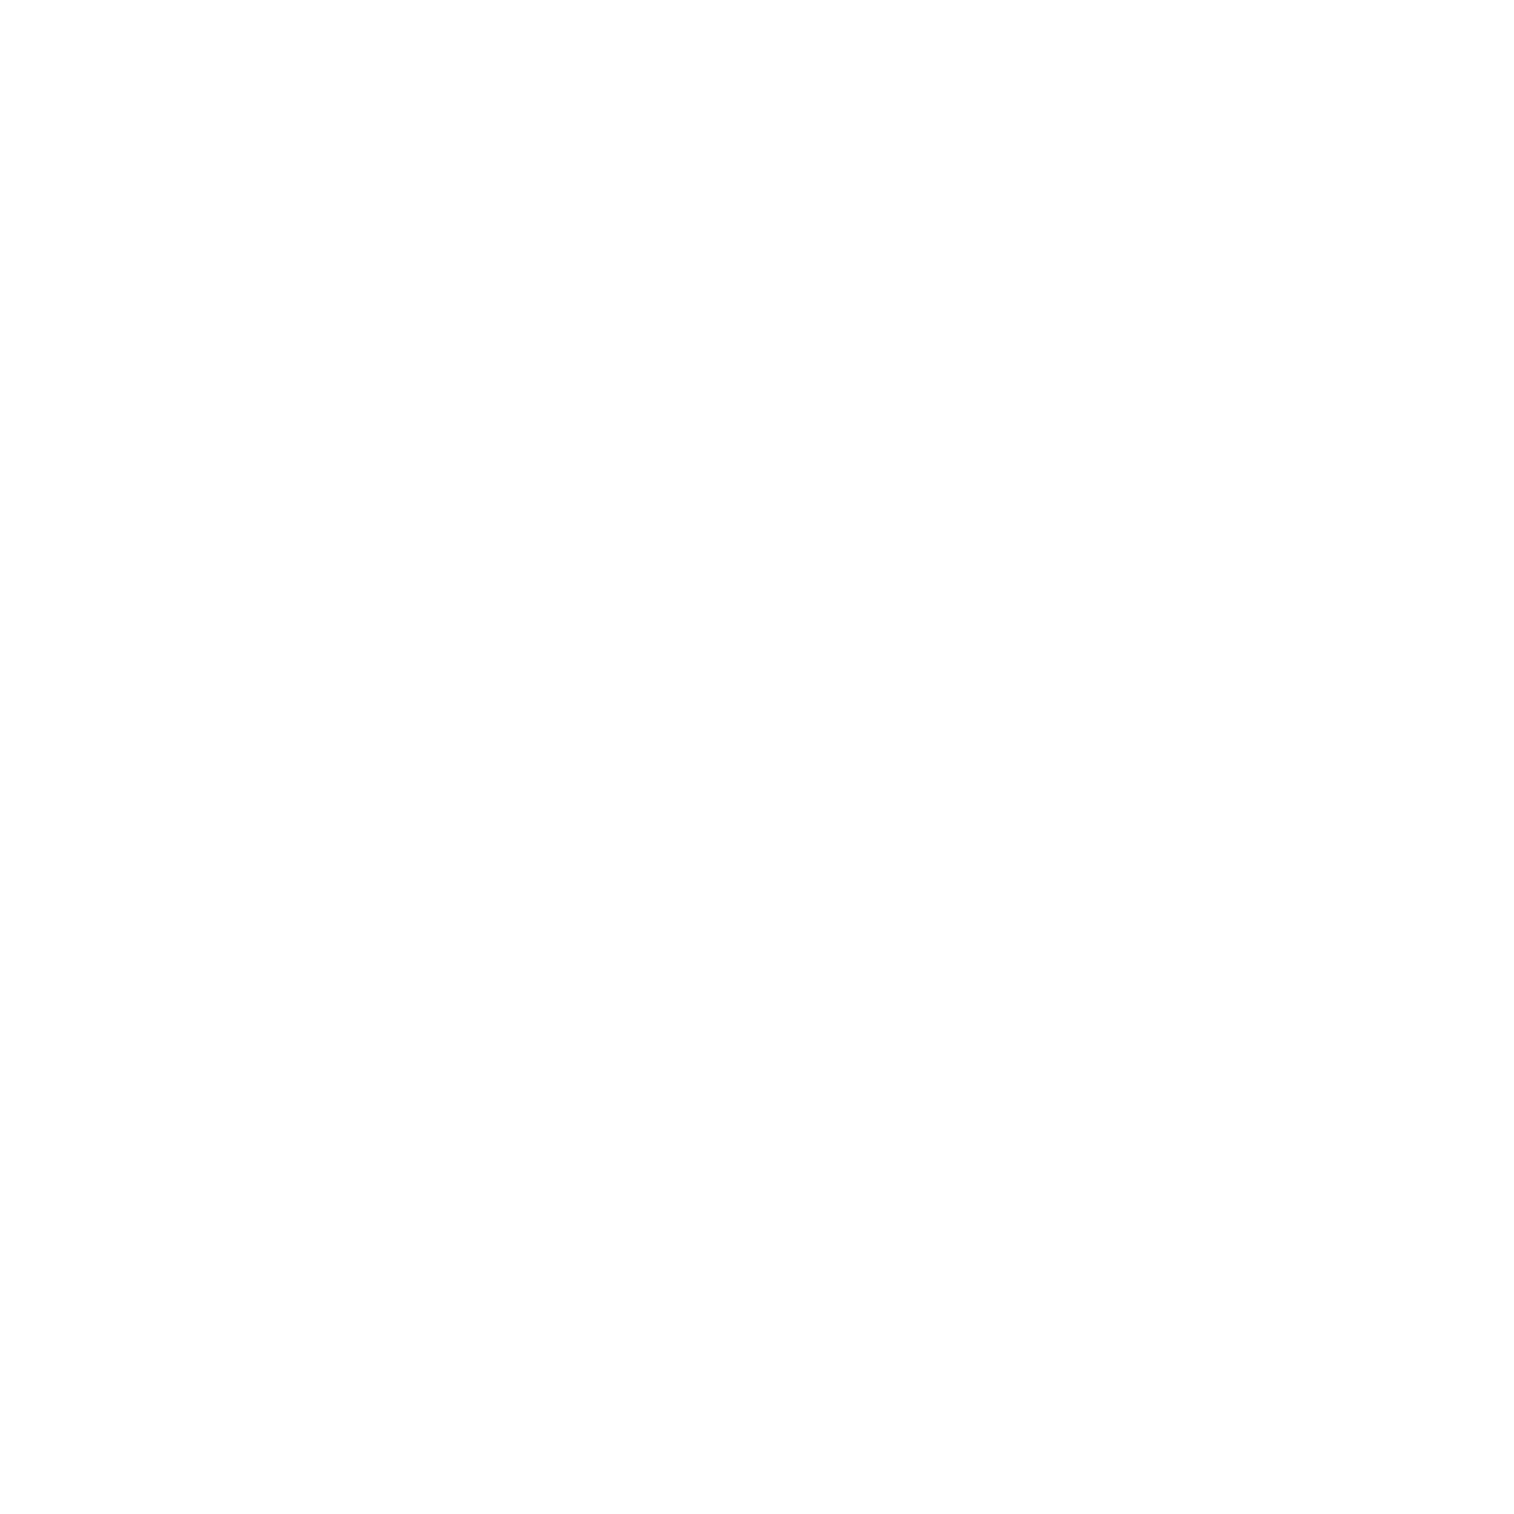 White logo for